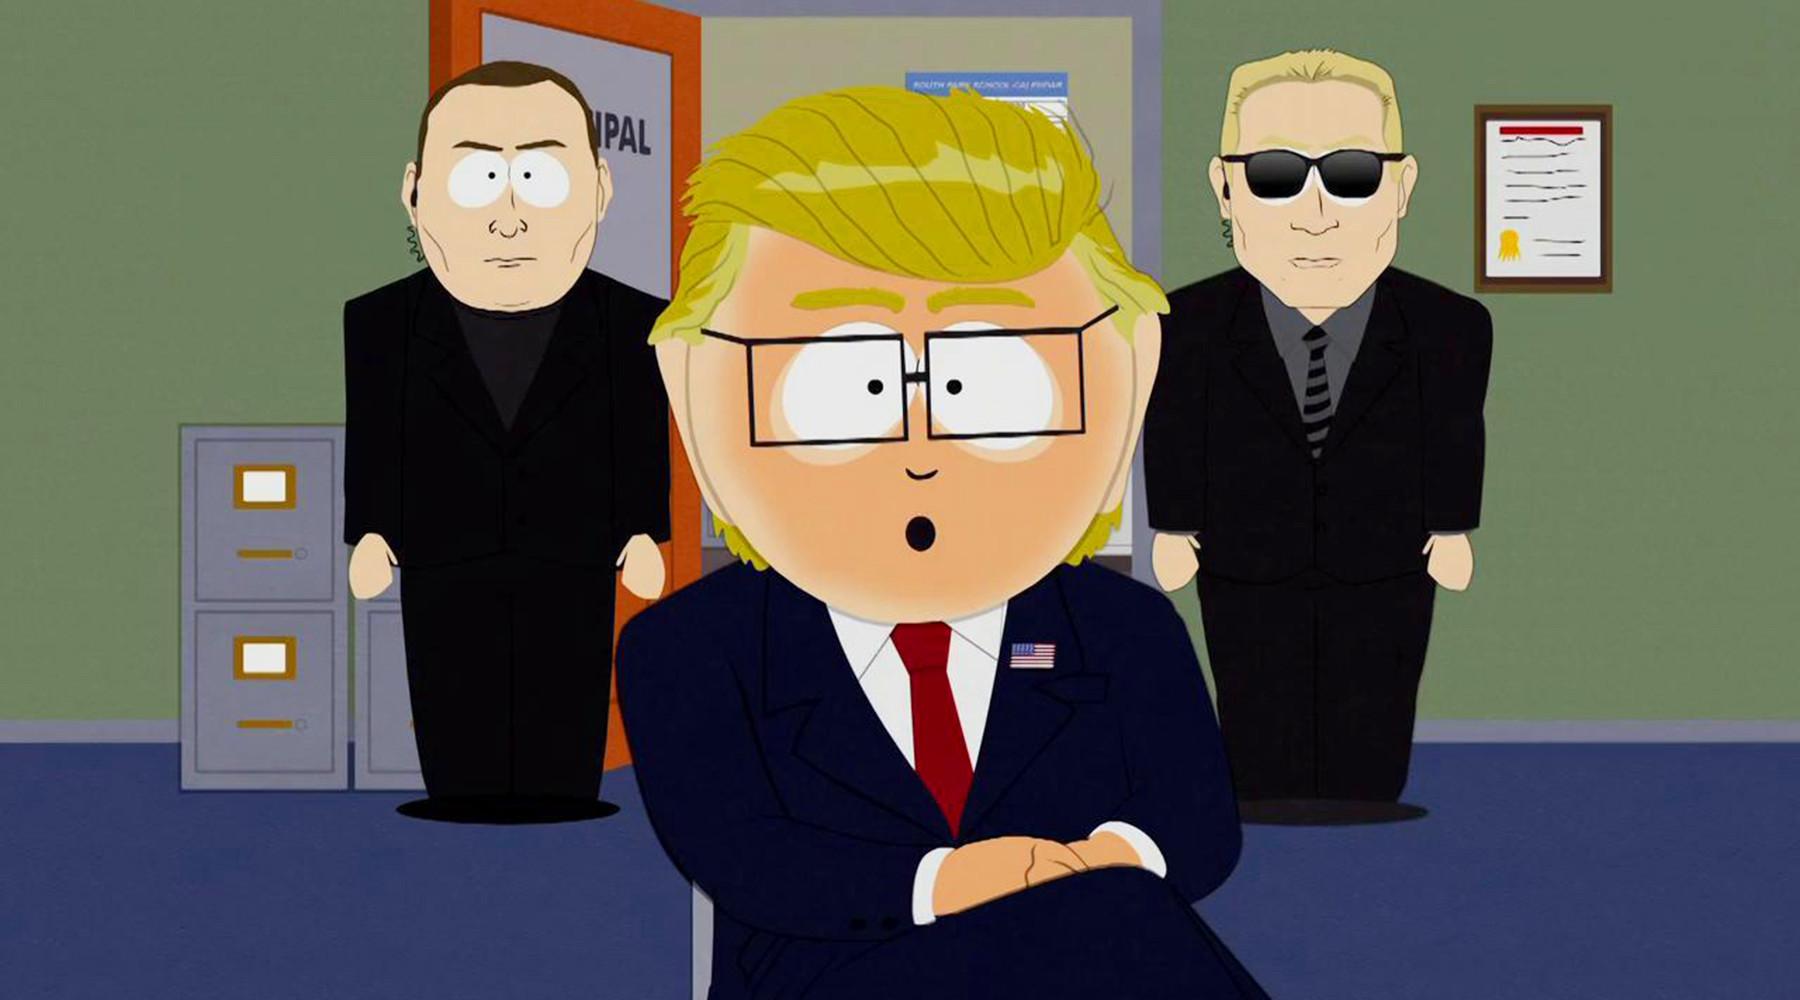 «Южный парк» без президента: создатели мультсериала отказались от шуток про Трампа